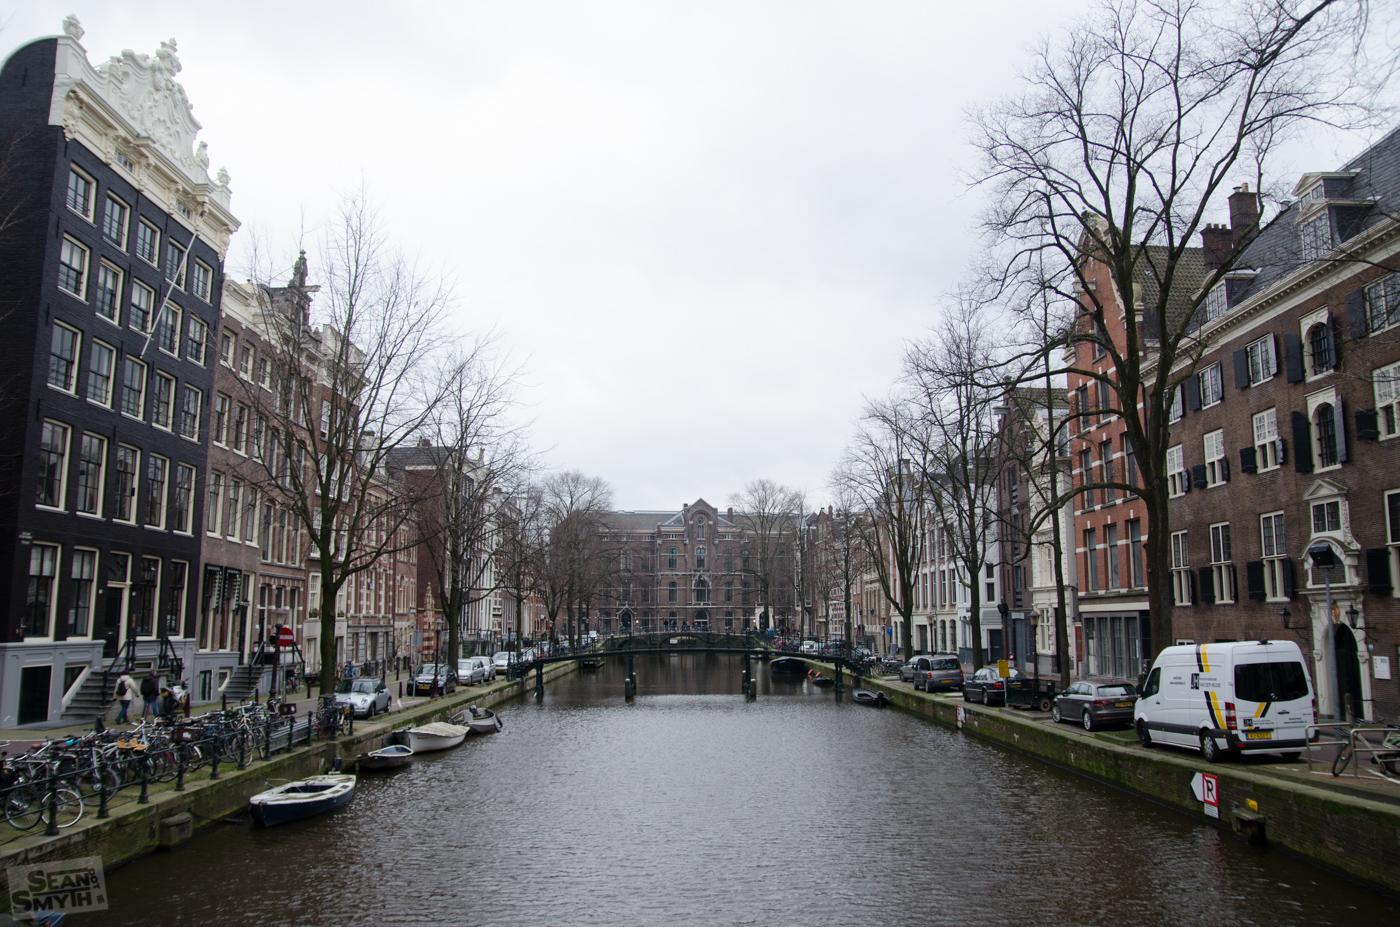 Amsterdam by Sean Smyth (5-2-16) (16 of 75)